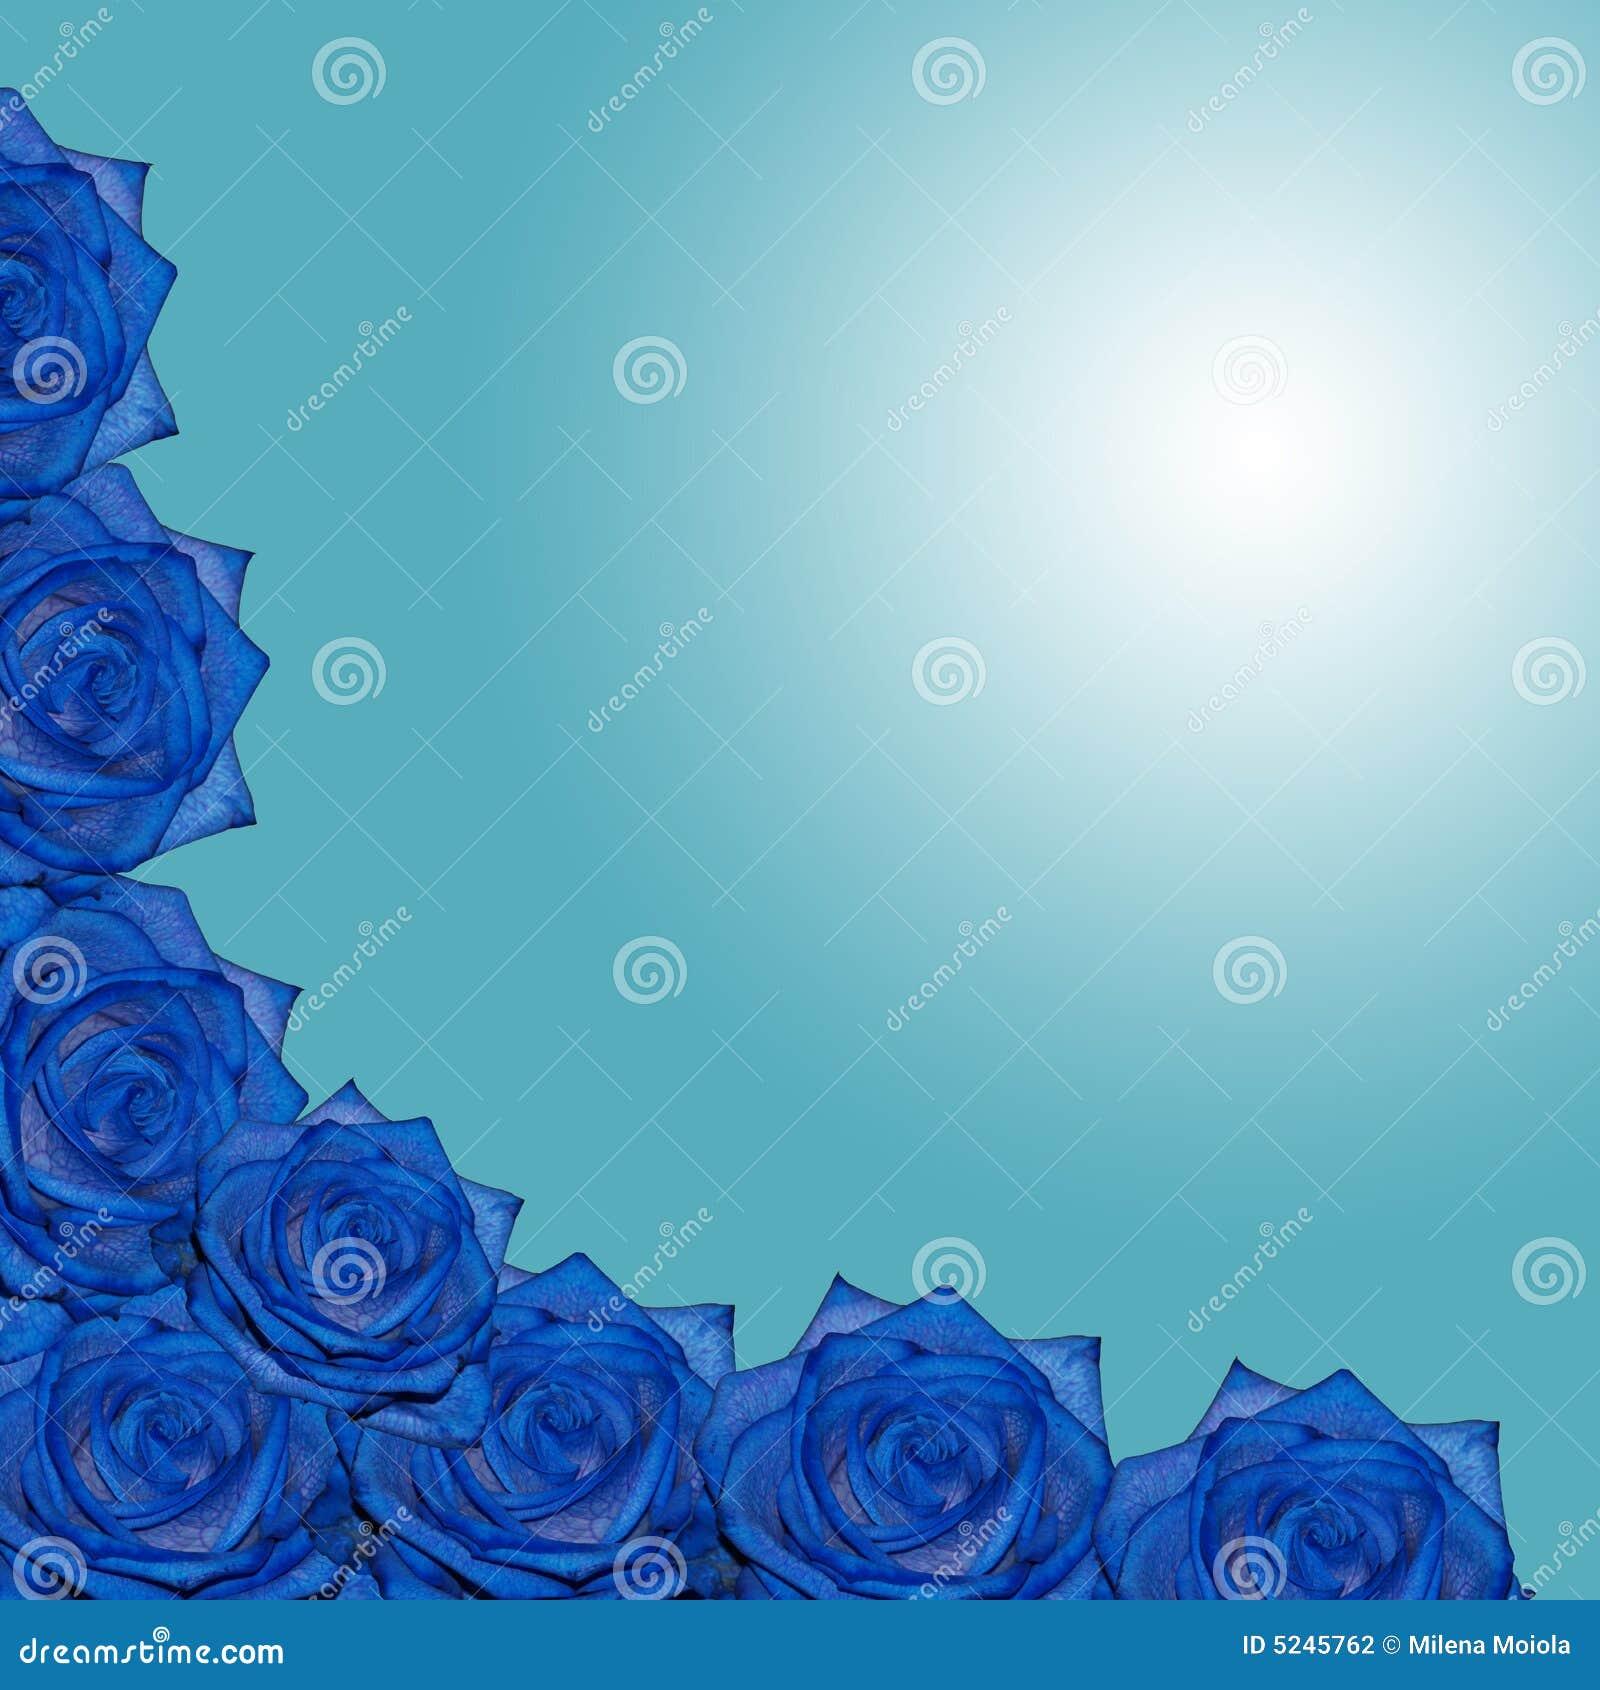 blaue rosen stock abbildung bild von leerzeichen dekorativ 5245762. Black Bedroom Furniture Sets. Home Design Ideas